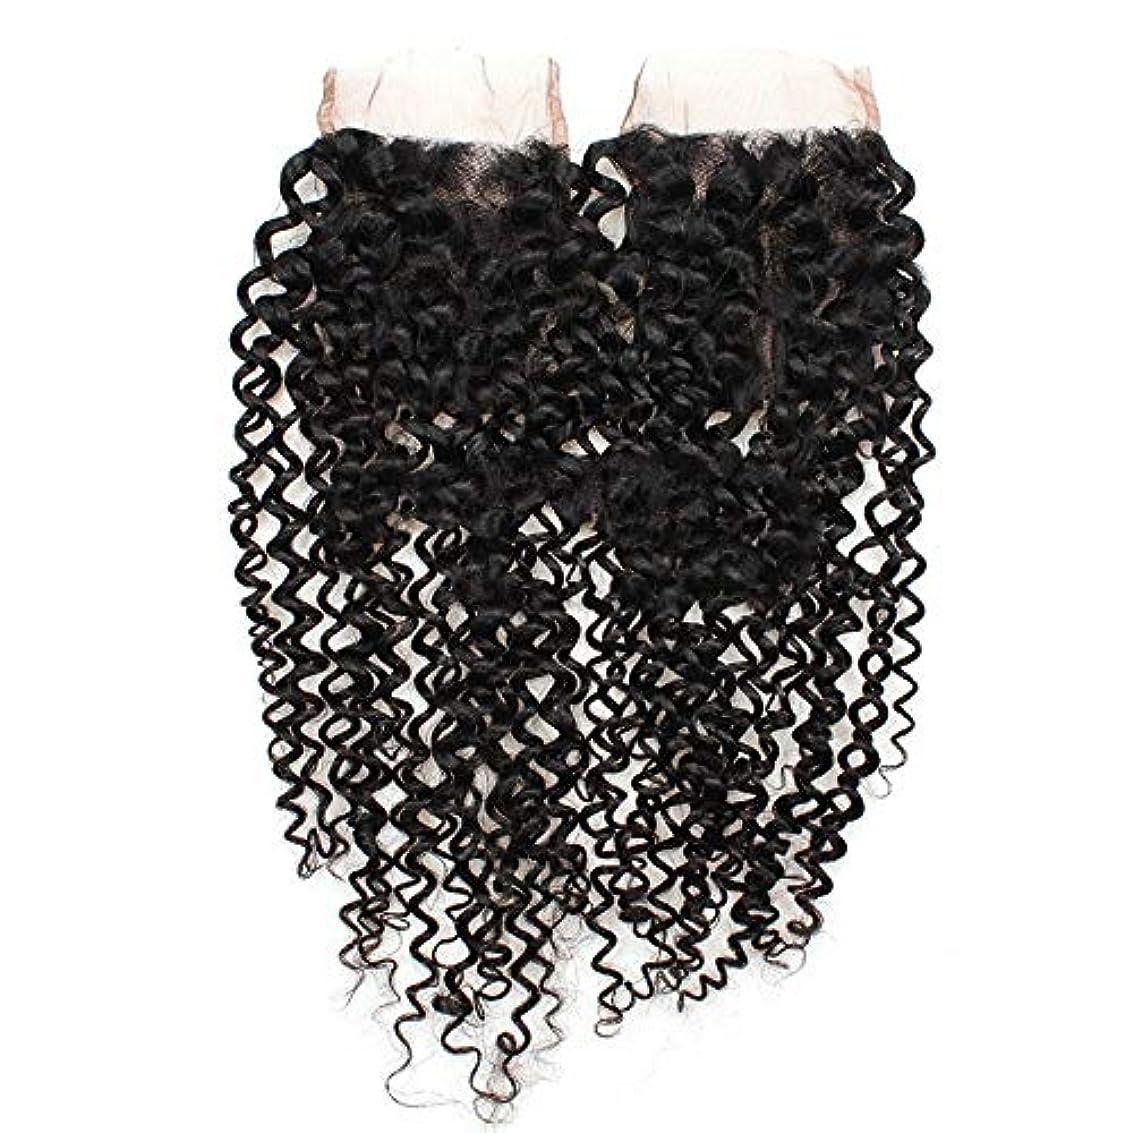 争う第四均等にWASAIO 閉鎖ボディレースフロンタルパート4x4の自然な色8インチ、20インチでは、ブラジルのクリスプカーリー織り人間の髪 (色 : 黒, サイズ : 14 inch)